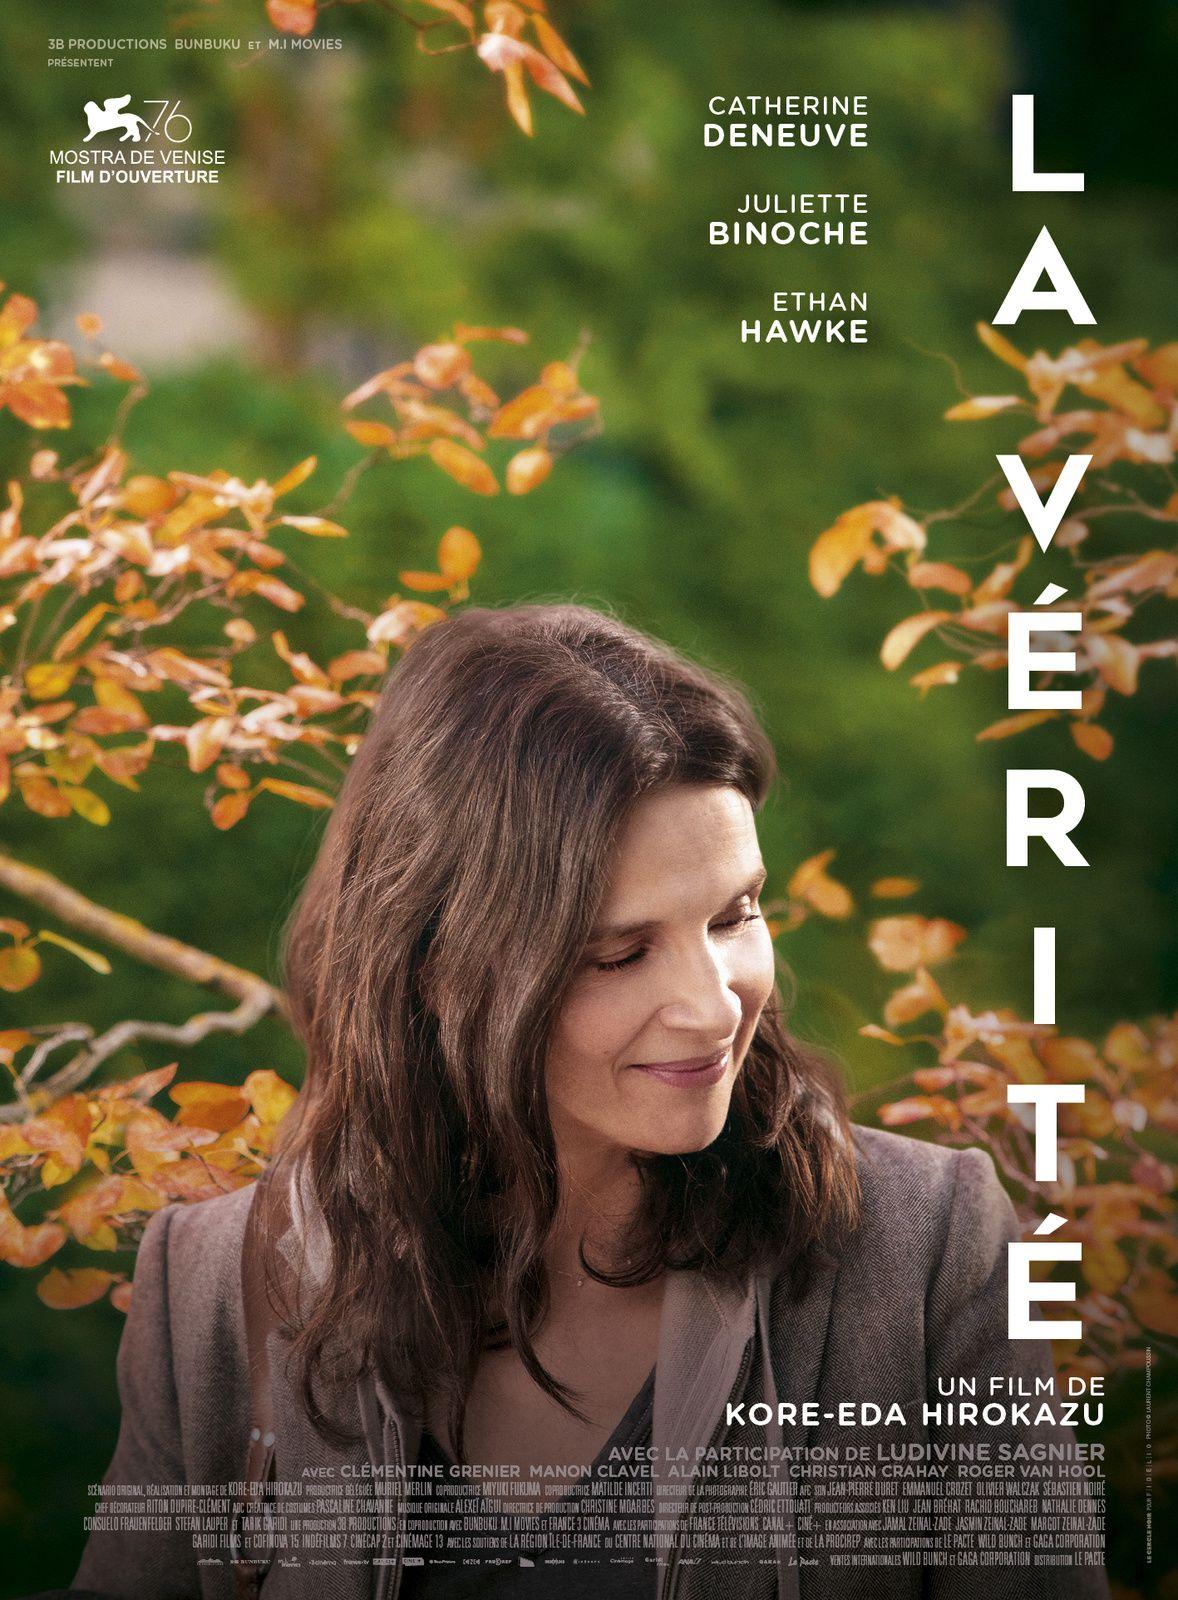 Dans les salles dès ce 25 décembre, La vérité, film avec Catherine Deneuve, Juliette Binoche et Ethan Hawke.